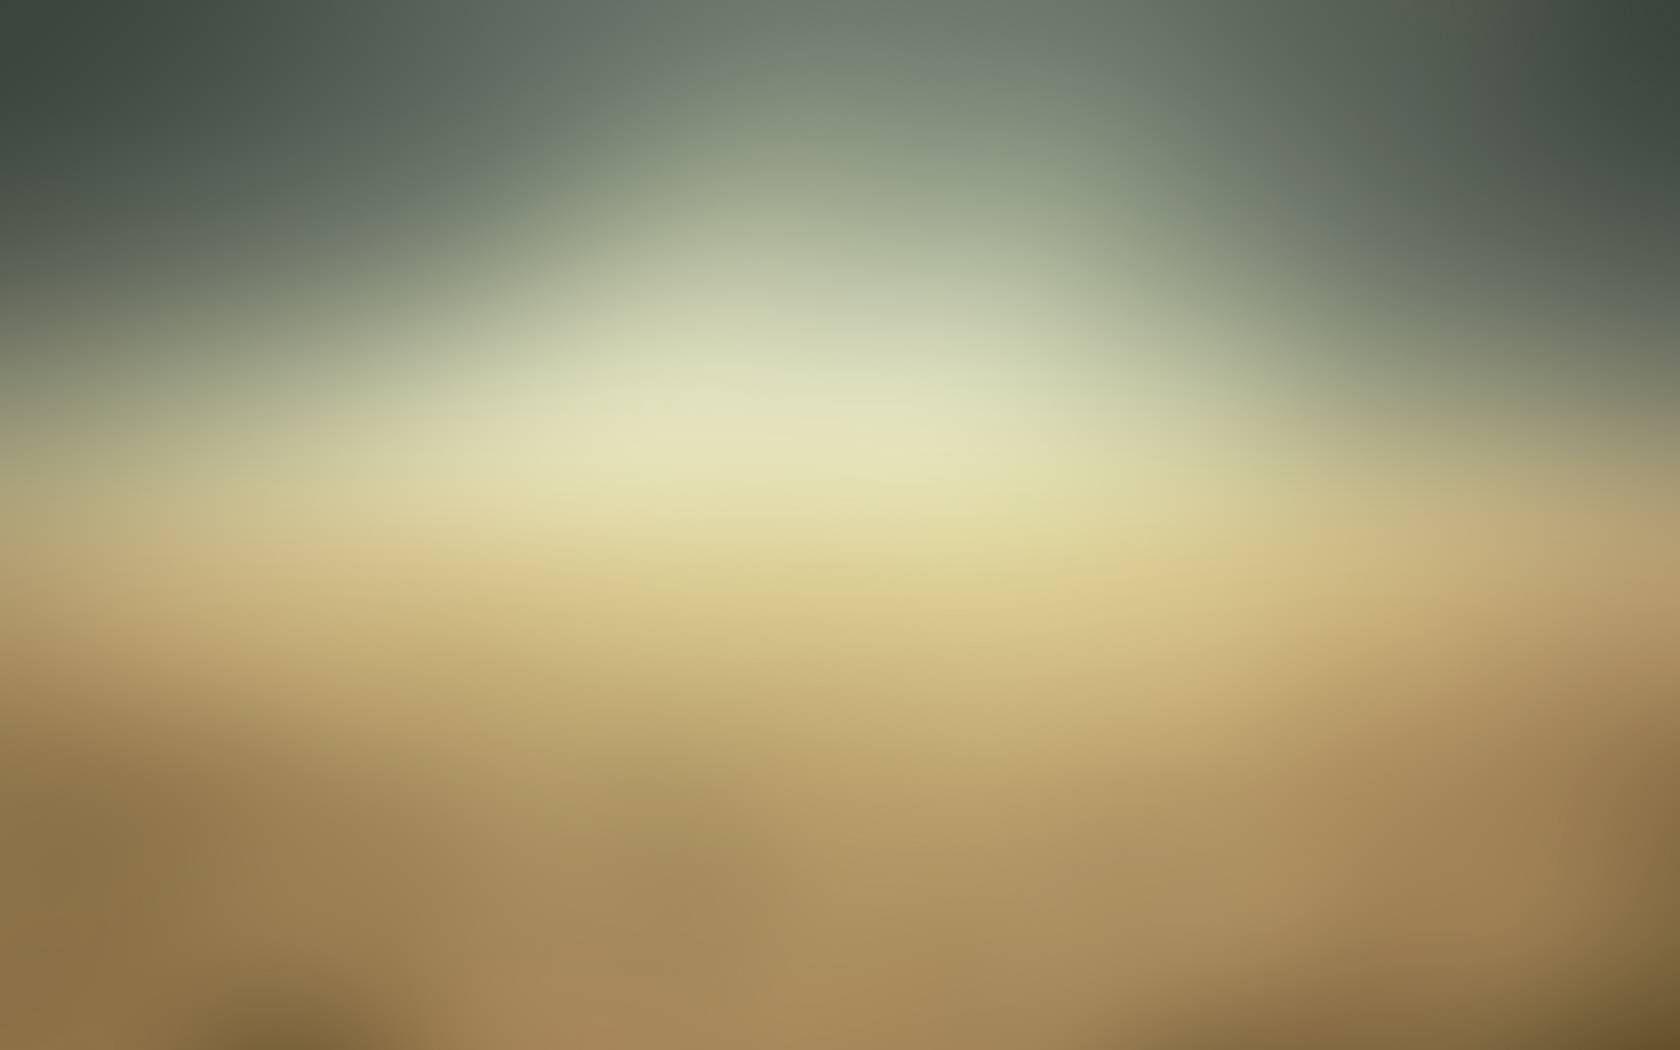 Download Wallpaper Mountain Blurry - 1c66f8adeb2fa5ad1e07352e773b0b91  Picture_40483.jpg